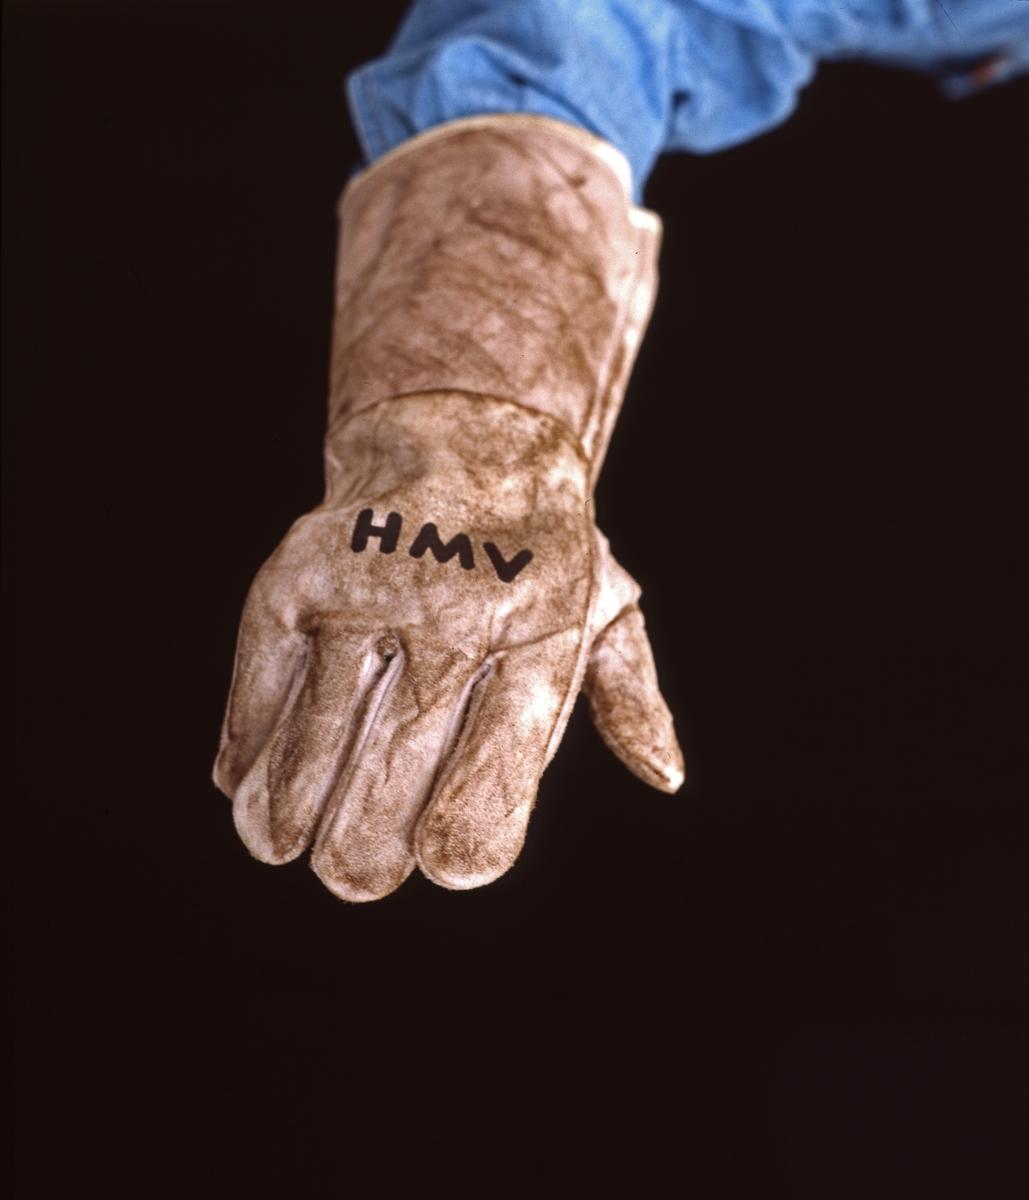 H.M.V. Arbeidshanske med HMV påtrykket. Reklamefoto.